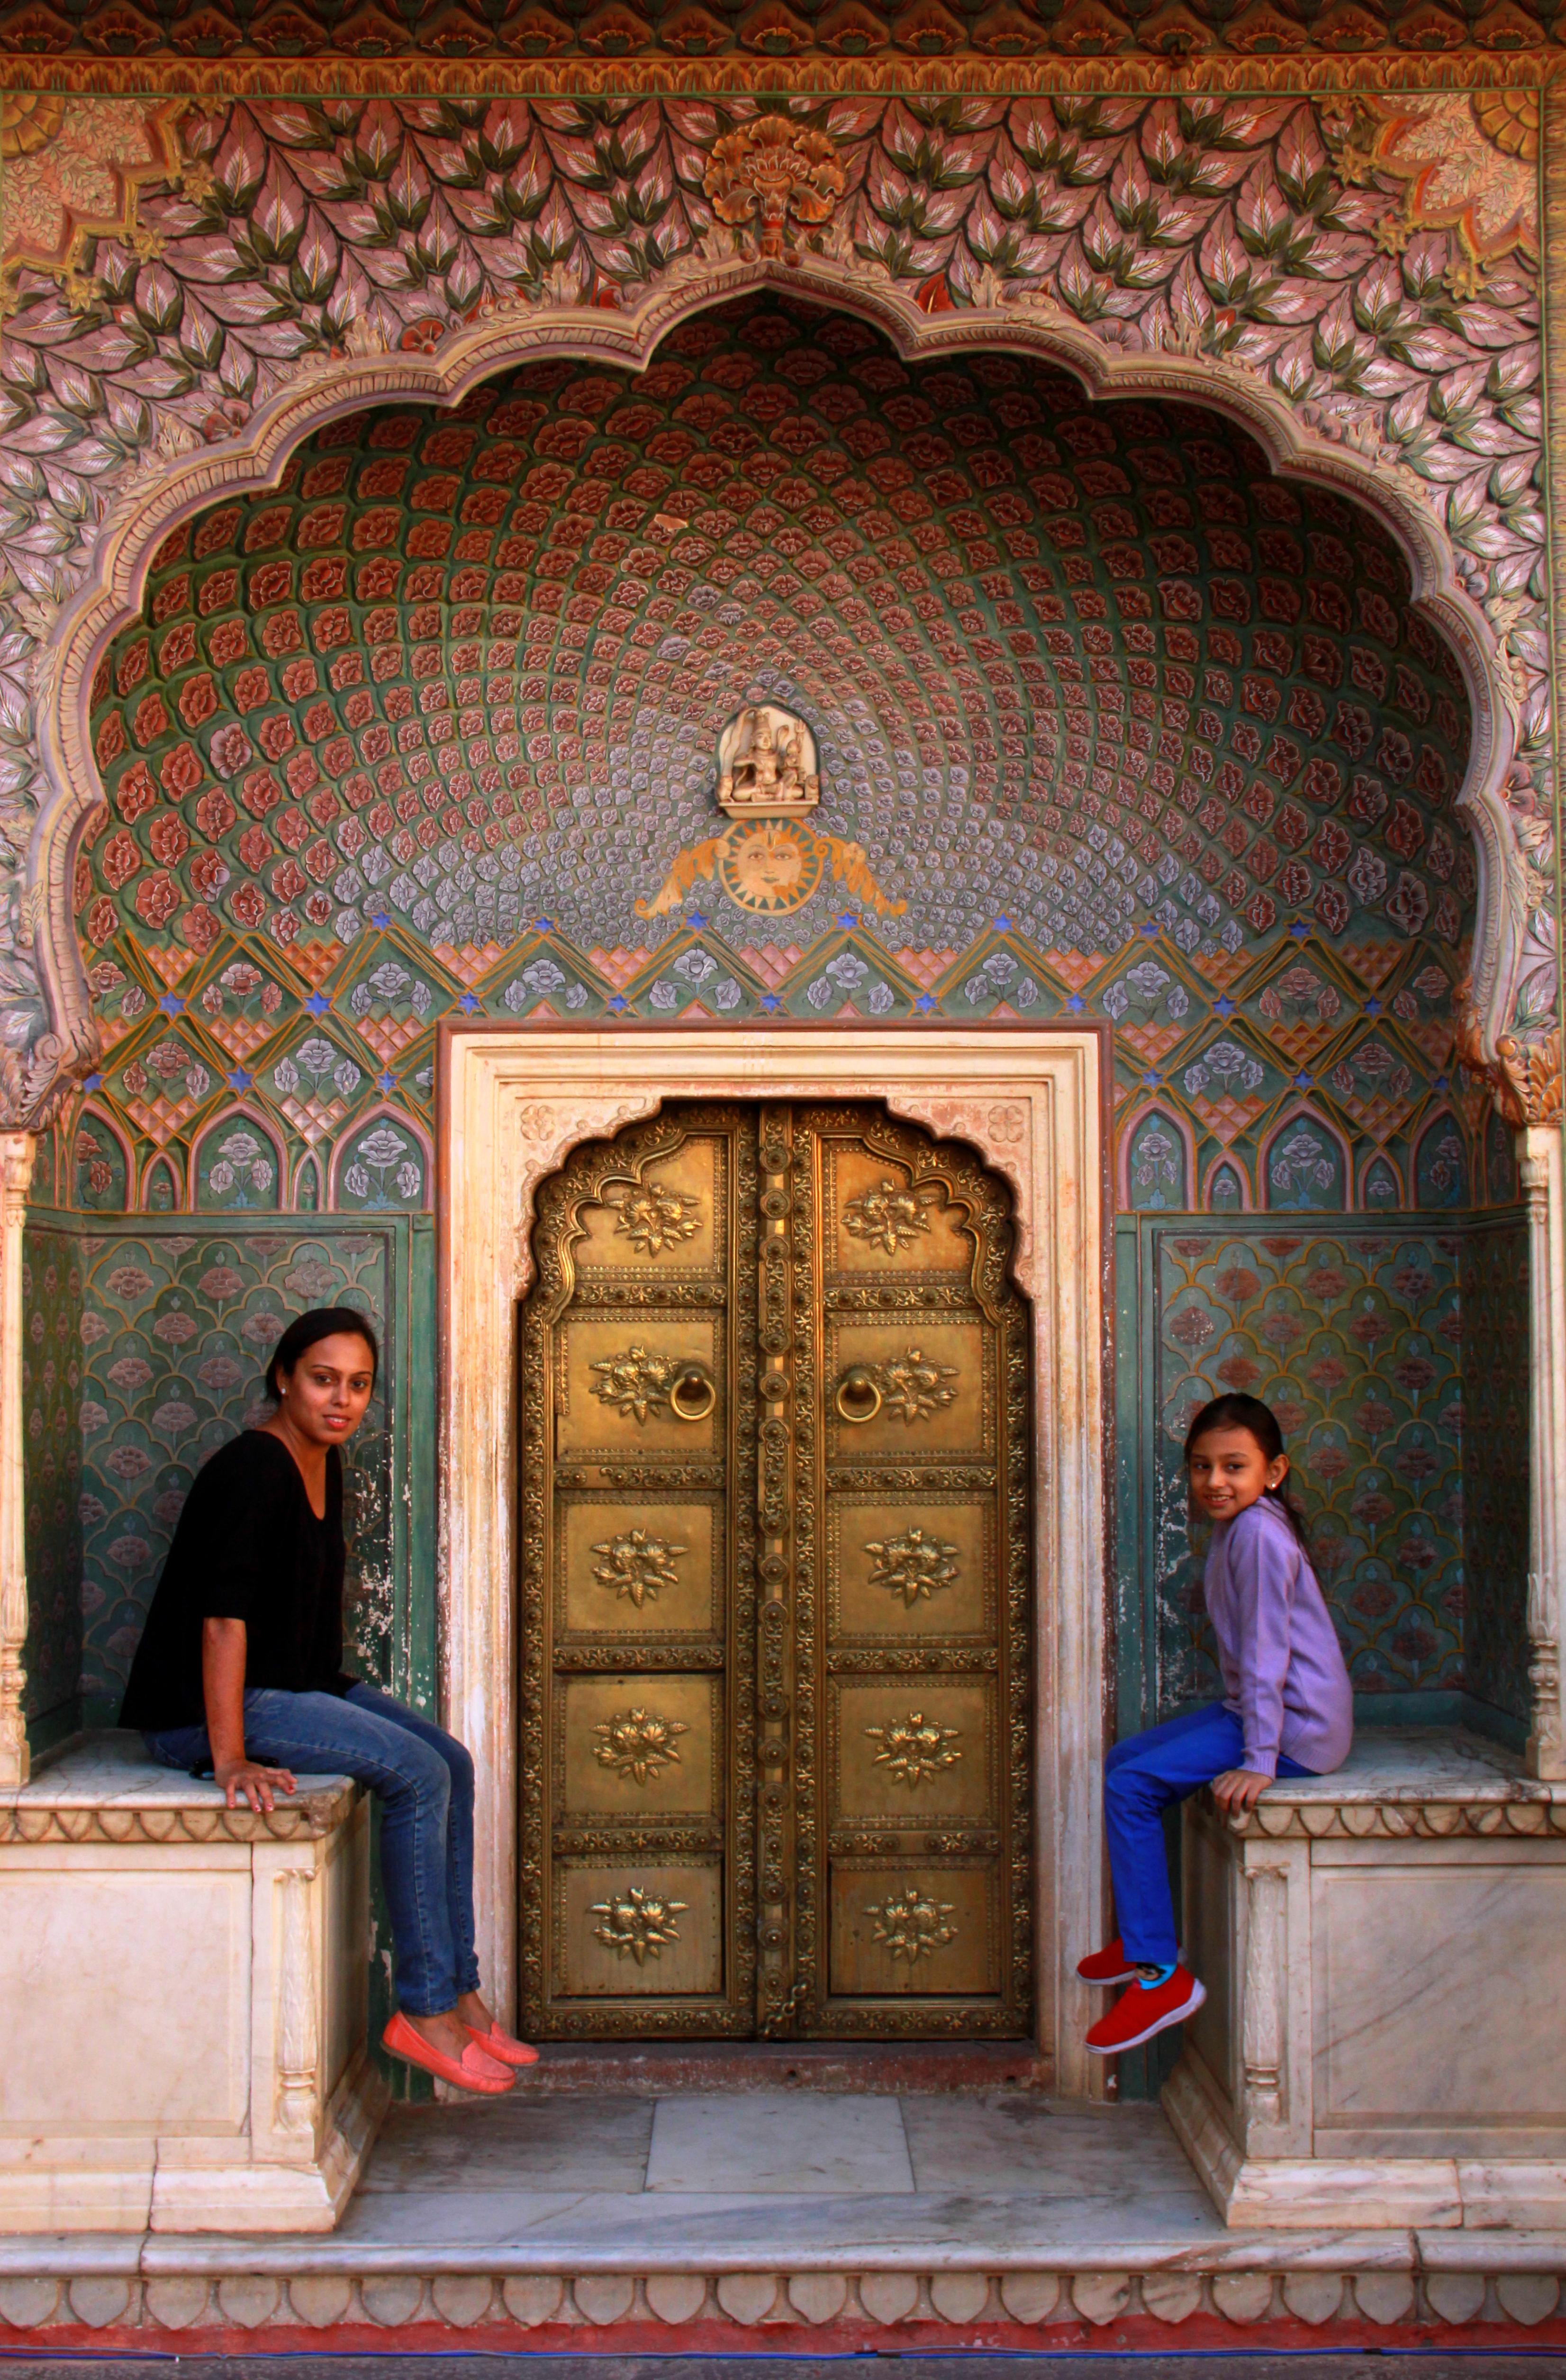 rose gate at City palace jaipur